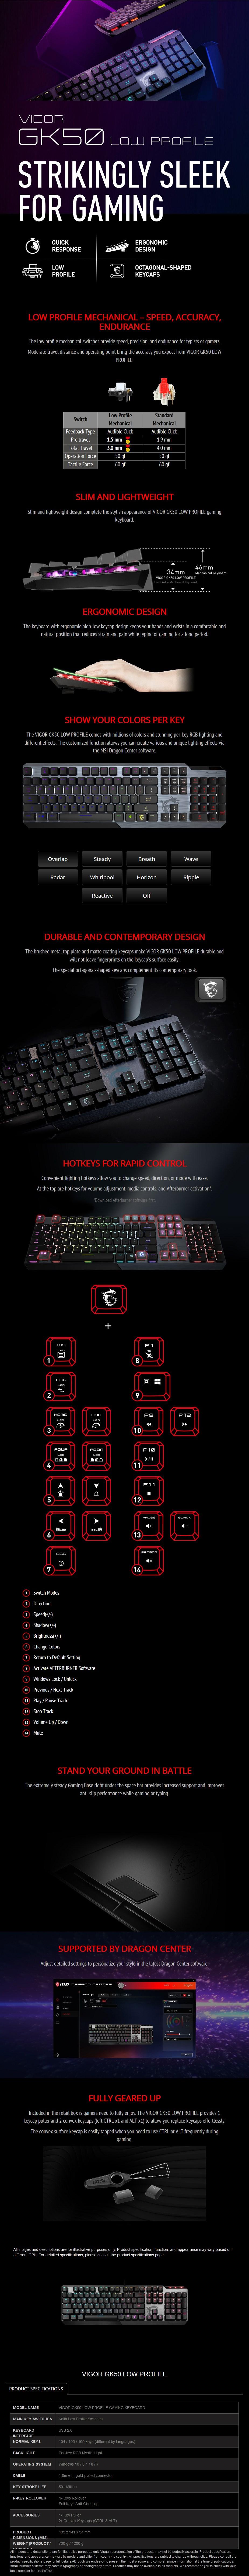 msi-vigor-gk50-gaming-keyboard-kailh-low-profile-switches-ac33355-6.jpg